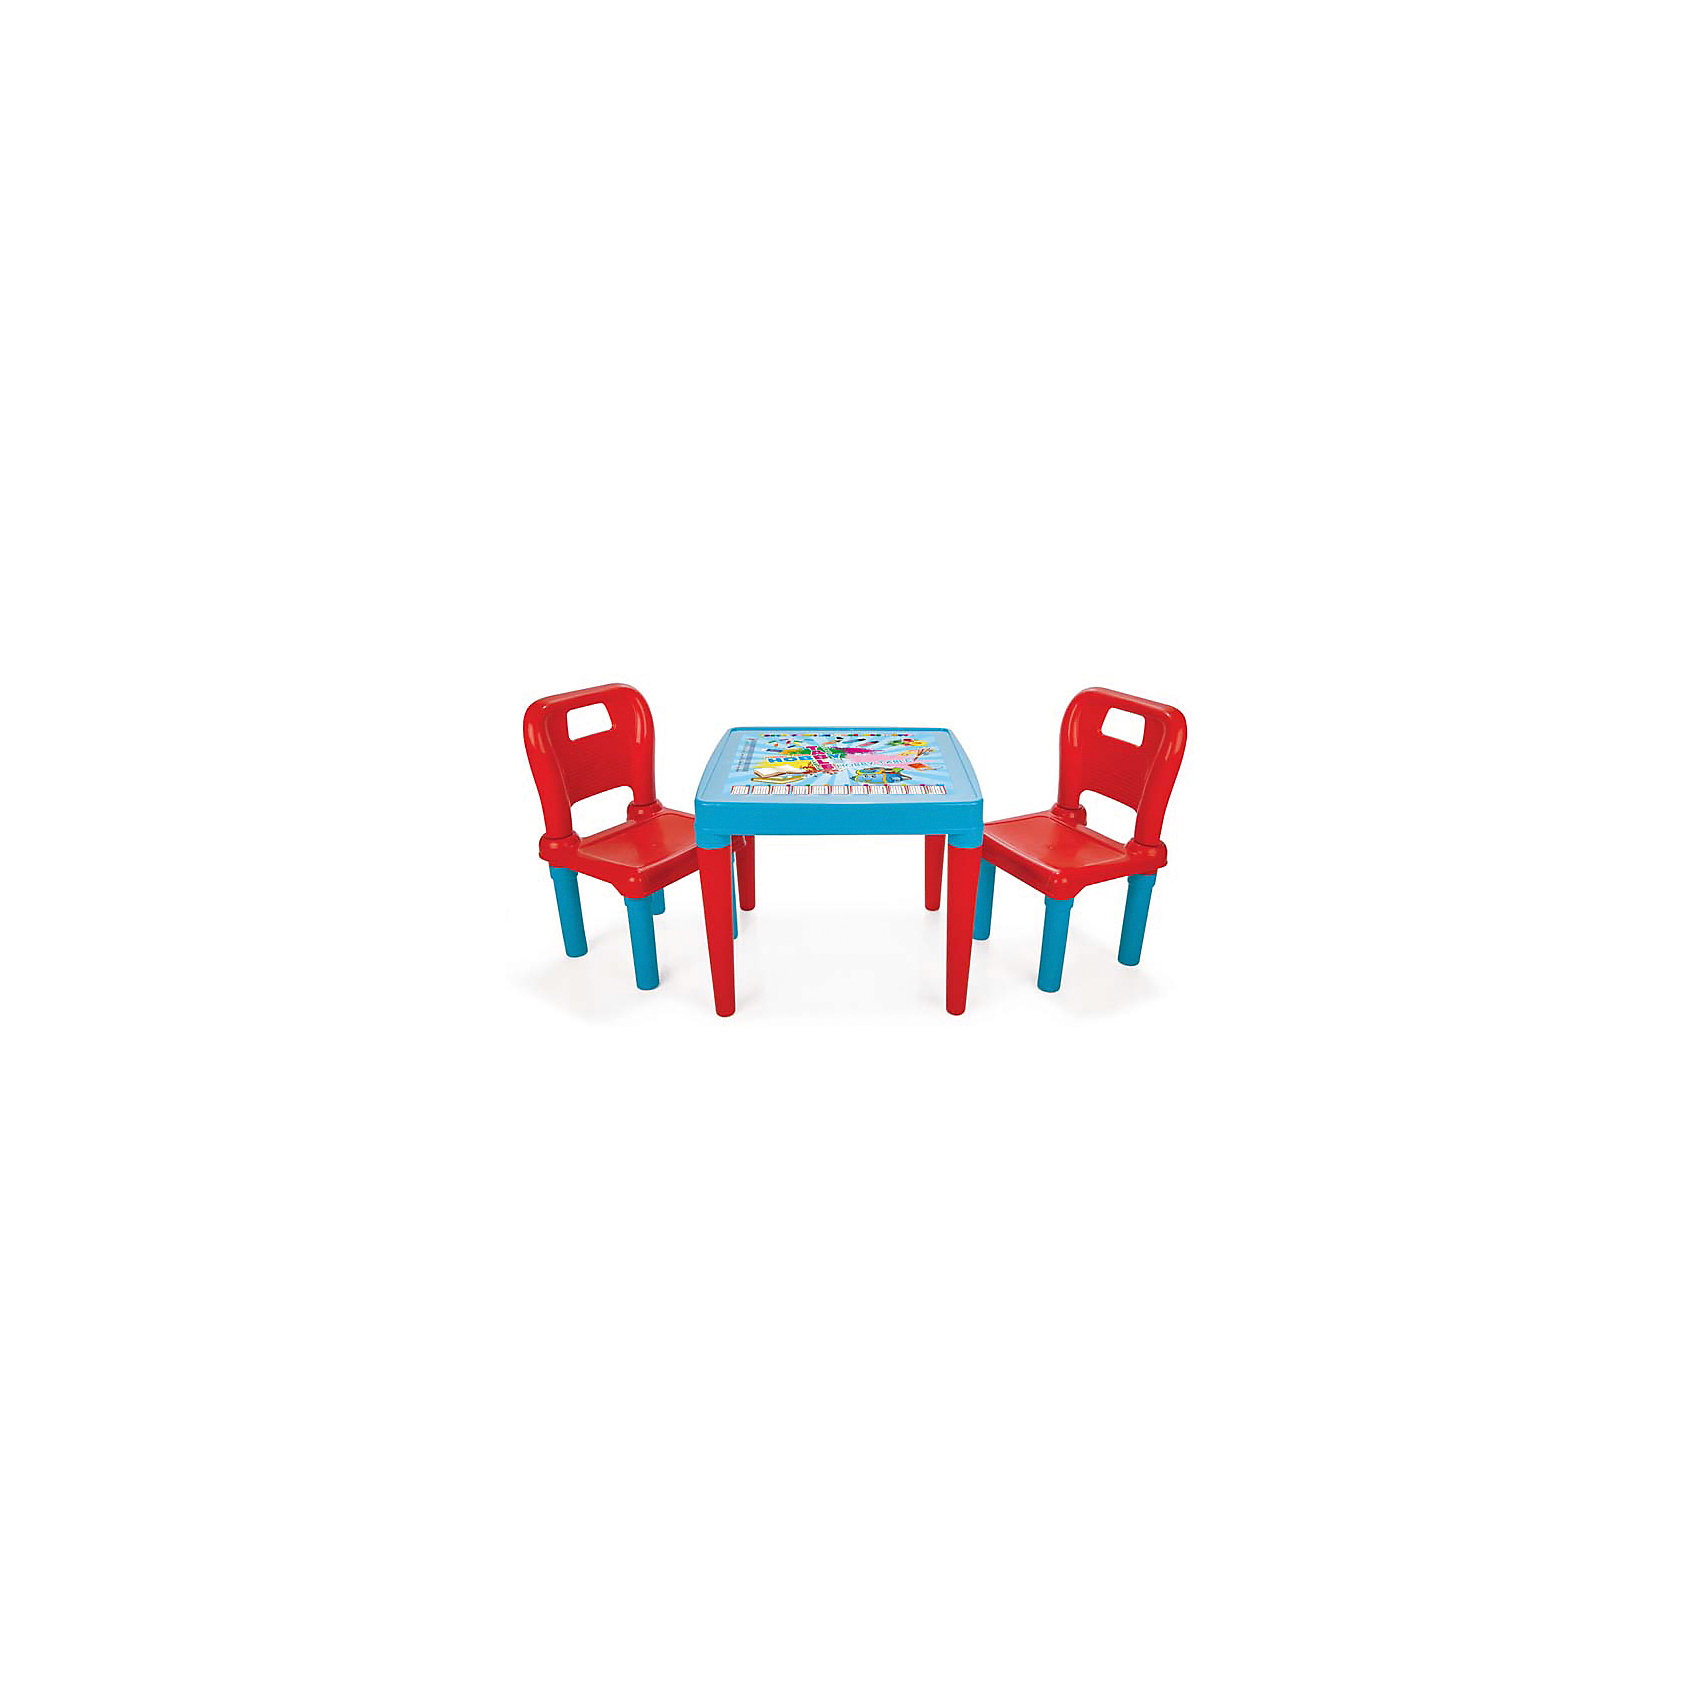 Столик с двумя стульчиками Menekse &amp; Hobby, PILSANДомики и мебель<br>Характеристики:<br><br>• цвет: синий, красный<br>• возраст: от 3 лет<br>• легко собирается<br>• стол декорирован яркой картинкой<br>• высокая устойчивость<br>• изготовлены из прочных безопасных материалов<br>• в комплекте: стол, 2 стула<br>• размер стола: 64,5х64,5х50 см<br>• размер стула: 30х32х52,5 см<br>• размер упаковки: 51х50х18 СМ<br>• вес: 3,4 КГ<br><br>Ребенок с удовольствием приступит к развивающим и творческим занятиям, если у него есть красивое рабочее место. <br><br>Набор Menekse &amp; Hobby состоит из стола и двух стульчиков яркой расцветки. Они изготовлены из качественного прочного пластика, безопасного для детского здоровья. <br><br>Столик и стулья легко собираются. Столешница декорирована яркой картинкой для привлечения внимания малыша. <br><br>Набор отлично подходит для занятий, творчества и настольных игр.<br><br>Столик с двумя стульчиками Menekse &amp; Hobby, PILSAN (Пилсан) можно купить в нашем интернет-магазине.<br><br>Ширина мм: 180<br>Глубина мм: 500<br>Высота мм: 510<br>Вес г: 3400<br>Возраст от месяцев: 36<br>Возраст до месяцев: 120<br>Пол: Унисекс<br>Возраст: Детский<br>SKU: 5512011